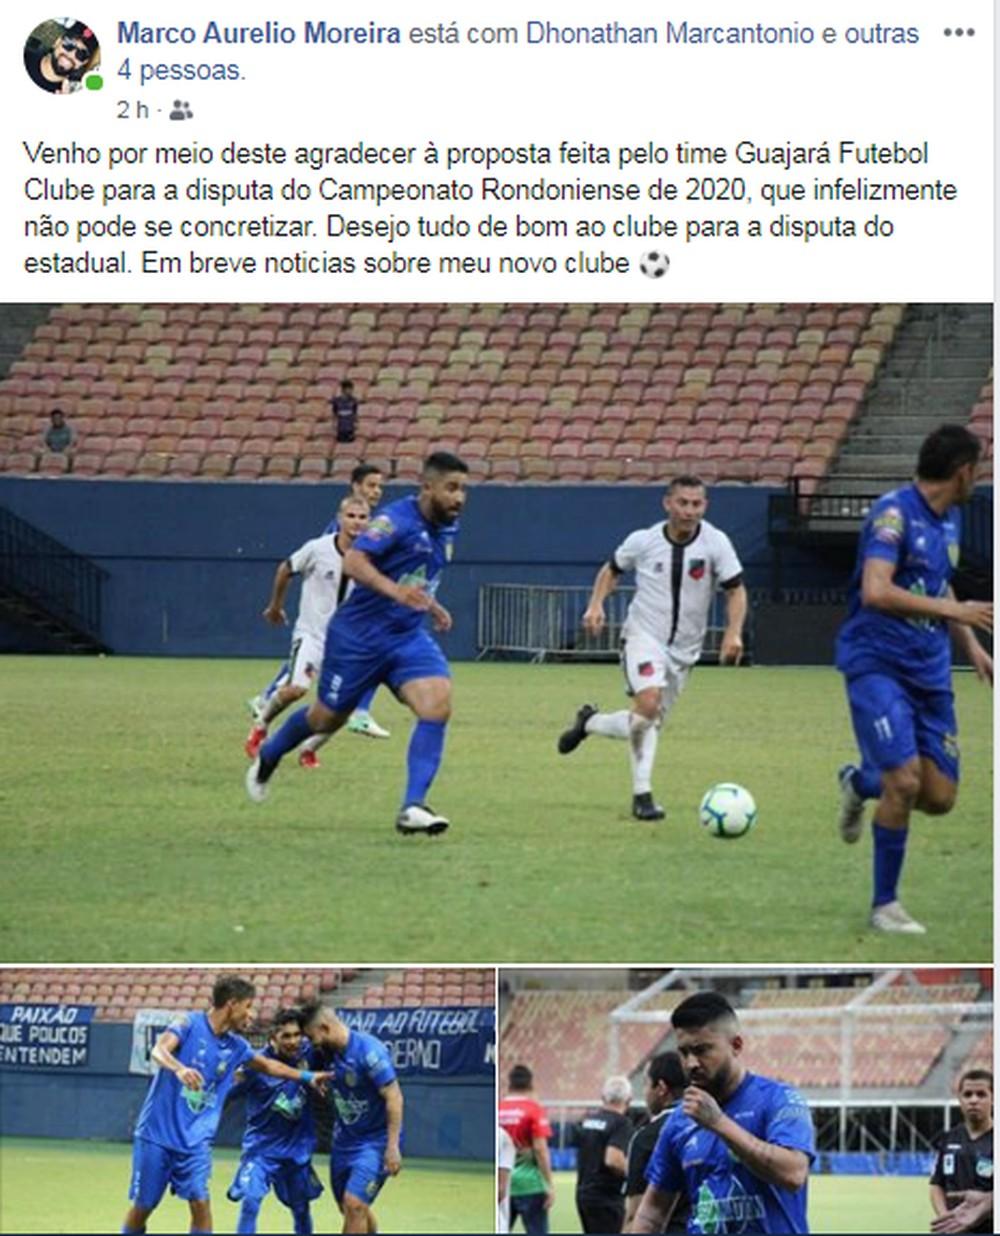 Marco Aurélio relembrou momentos pelo Nacional-AM para comunicar saída do Guajará (Foto: facebook Maro Aurélo)